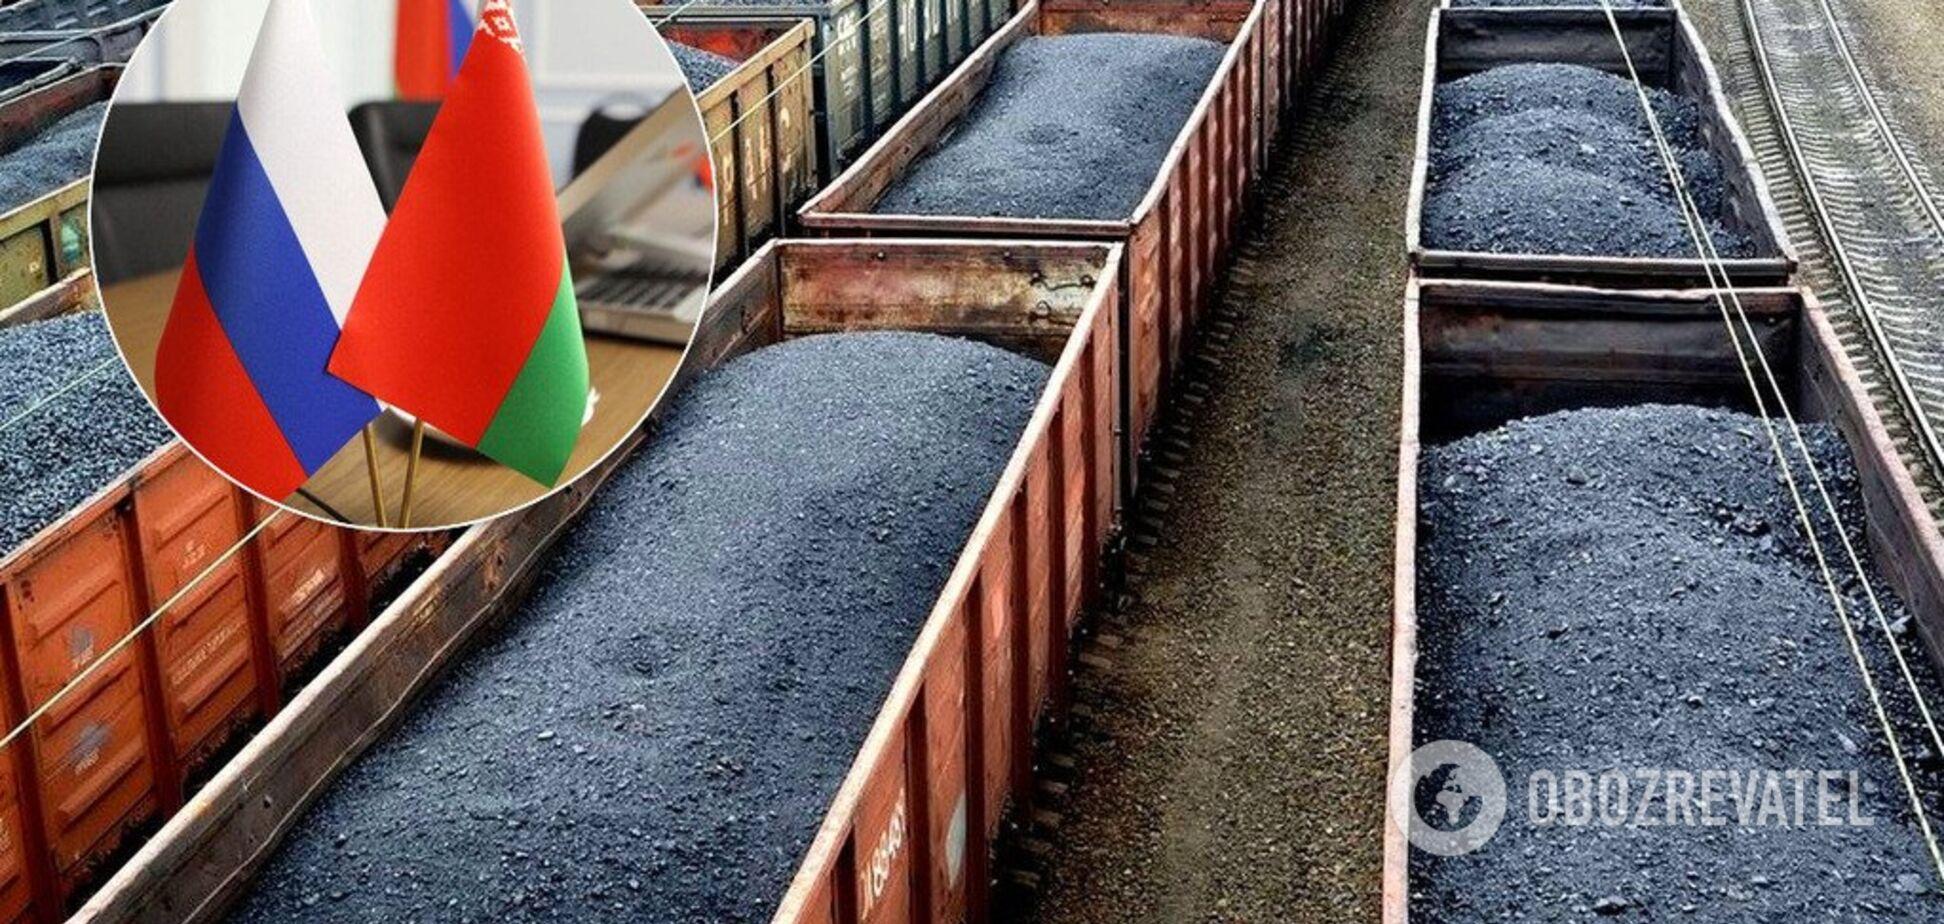 Соратника Медведчука викрили у поставках вугілля РФ в Україну: всі деталі гучного розслідування